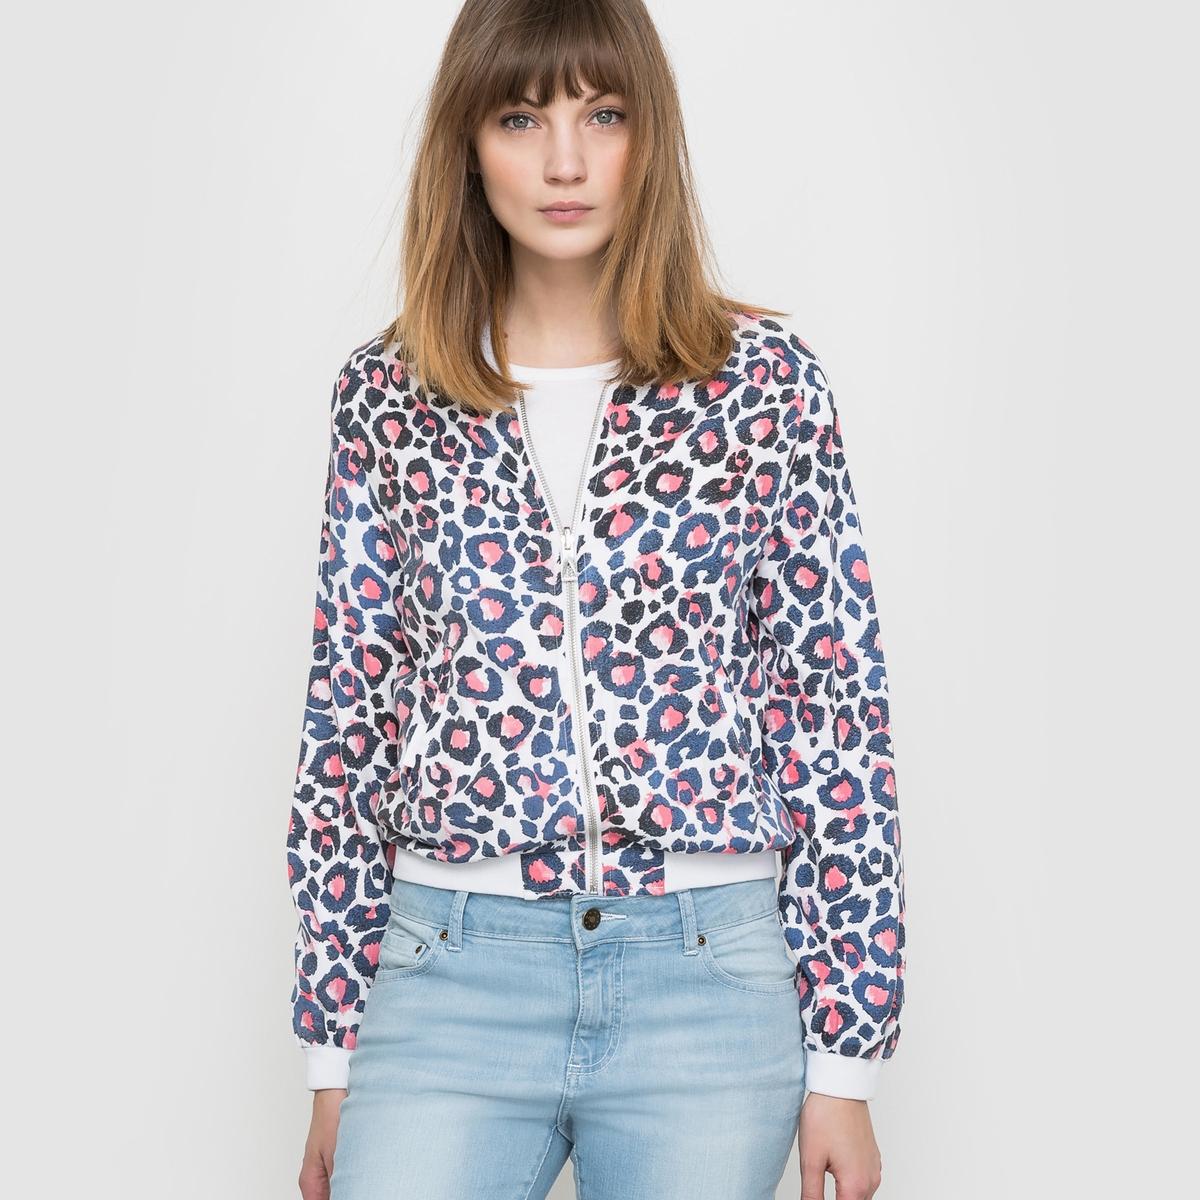 Куртка STANLEY, двусторонняя (однотонная/с рисунком)Состав и характеристики:Марка : ELEVEN PARIS.Модель : Stanley.Материалы  : 100% вискозыУходМашинная стирка при 30°<br><br>Цвет: рисунок розовый/синий<br>Размер: L